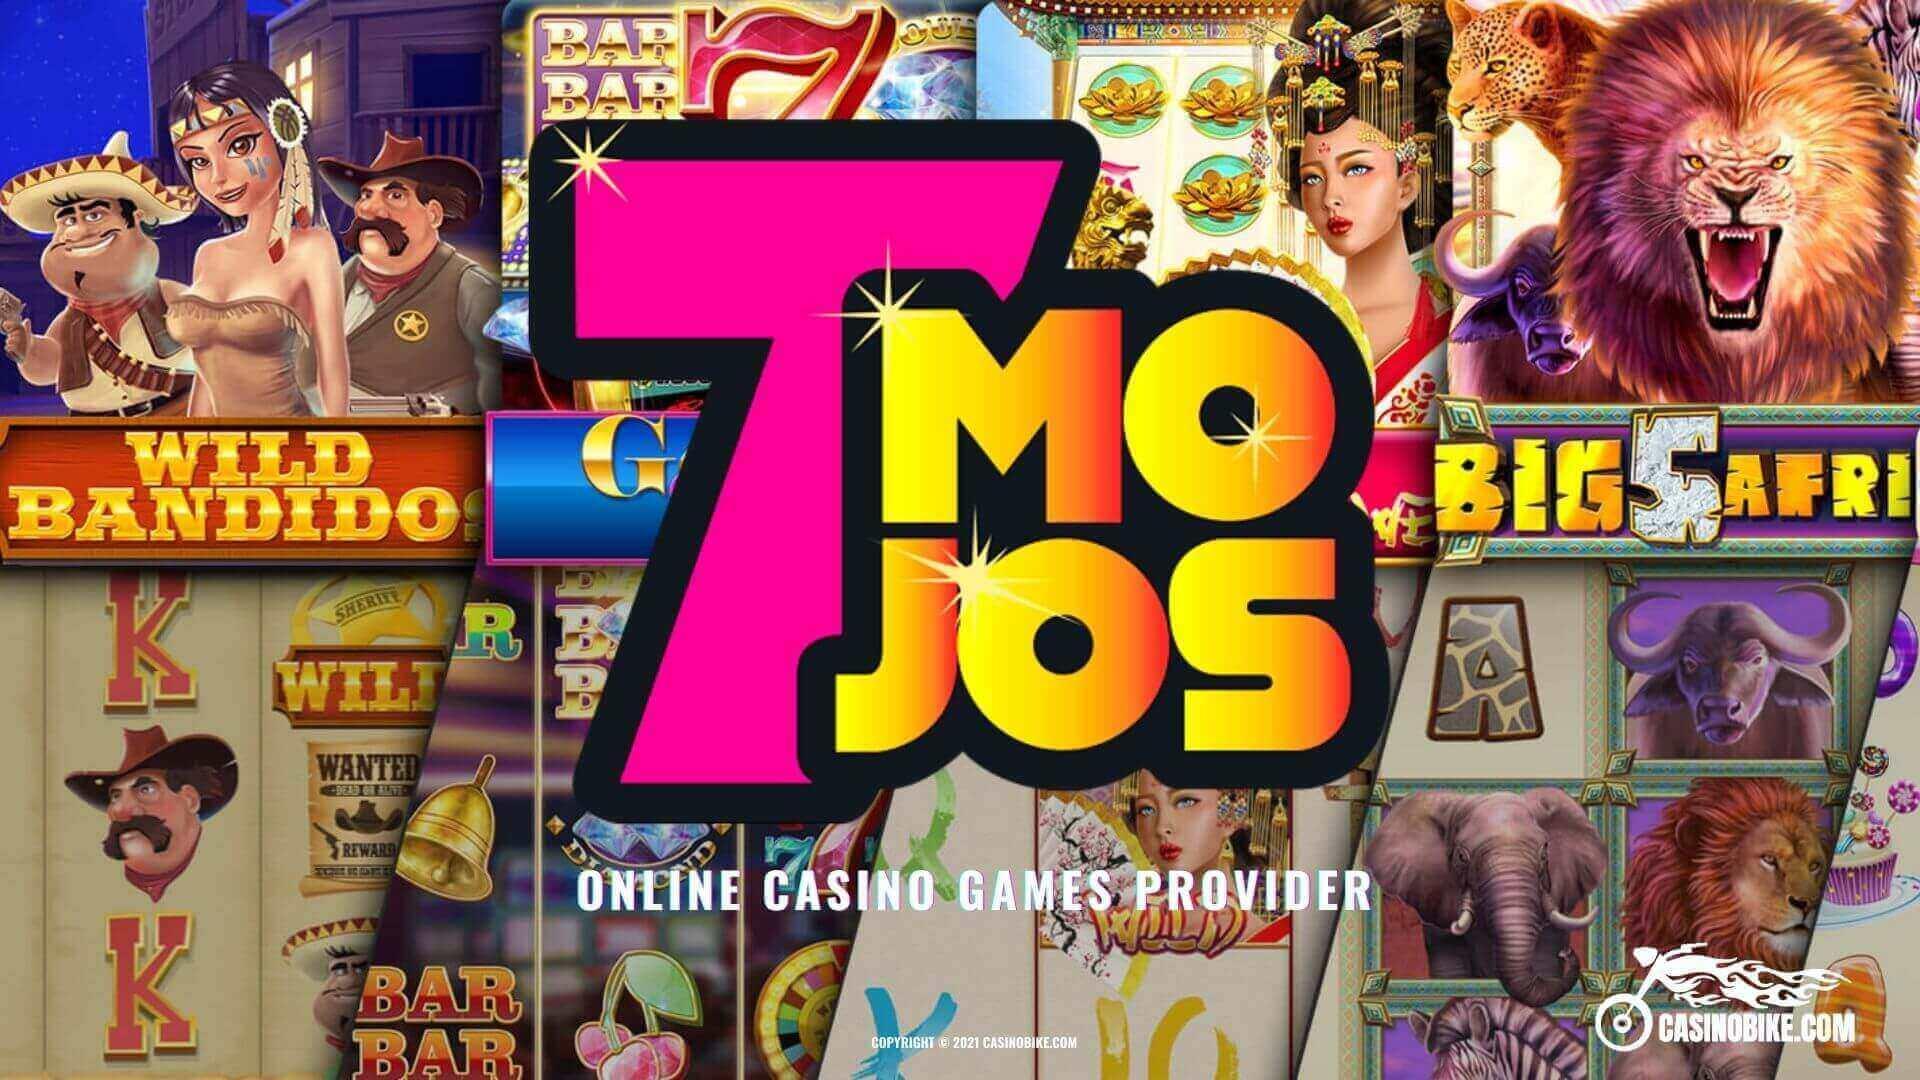 7Mojos Slots Provider Review